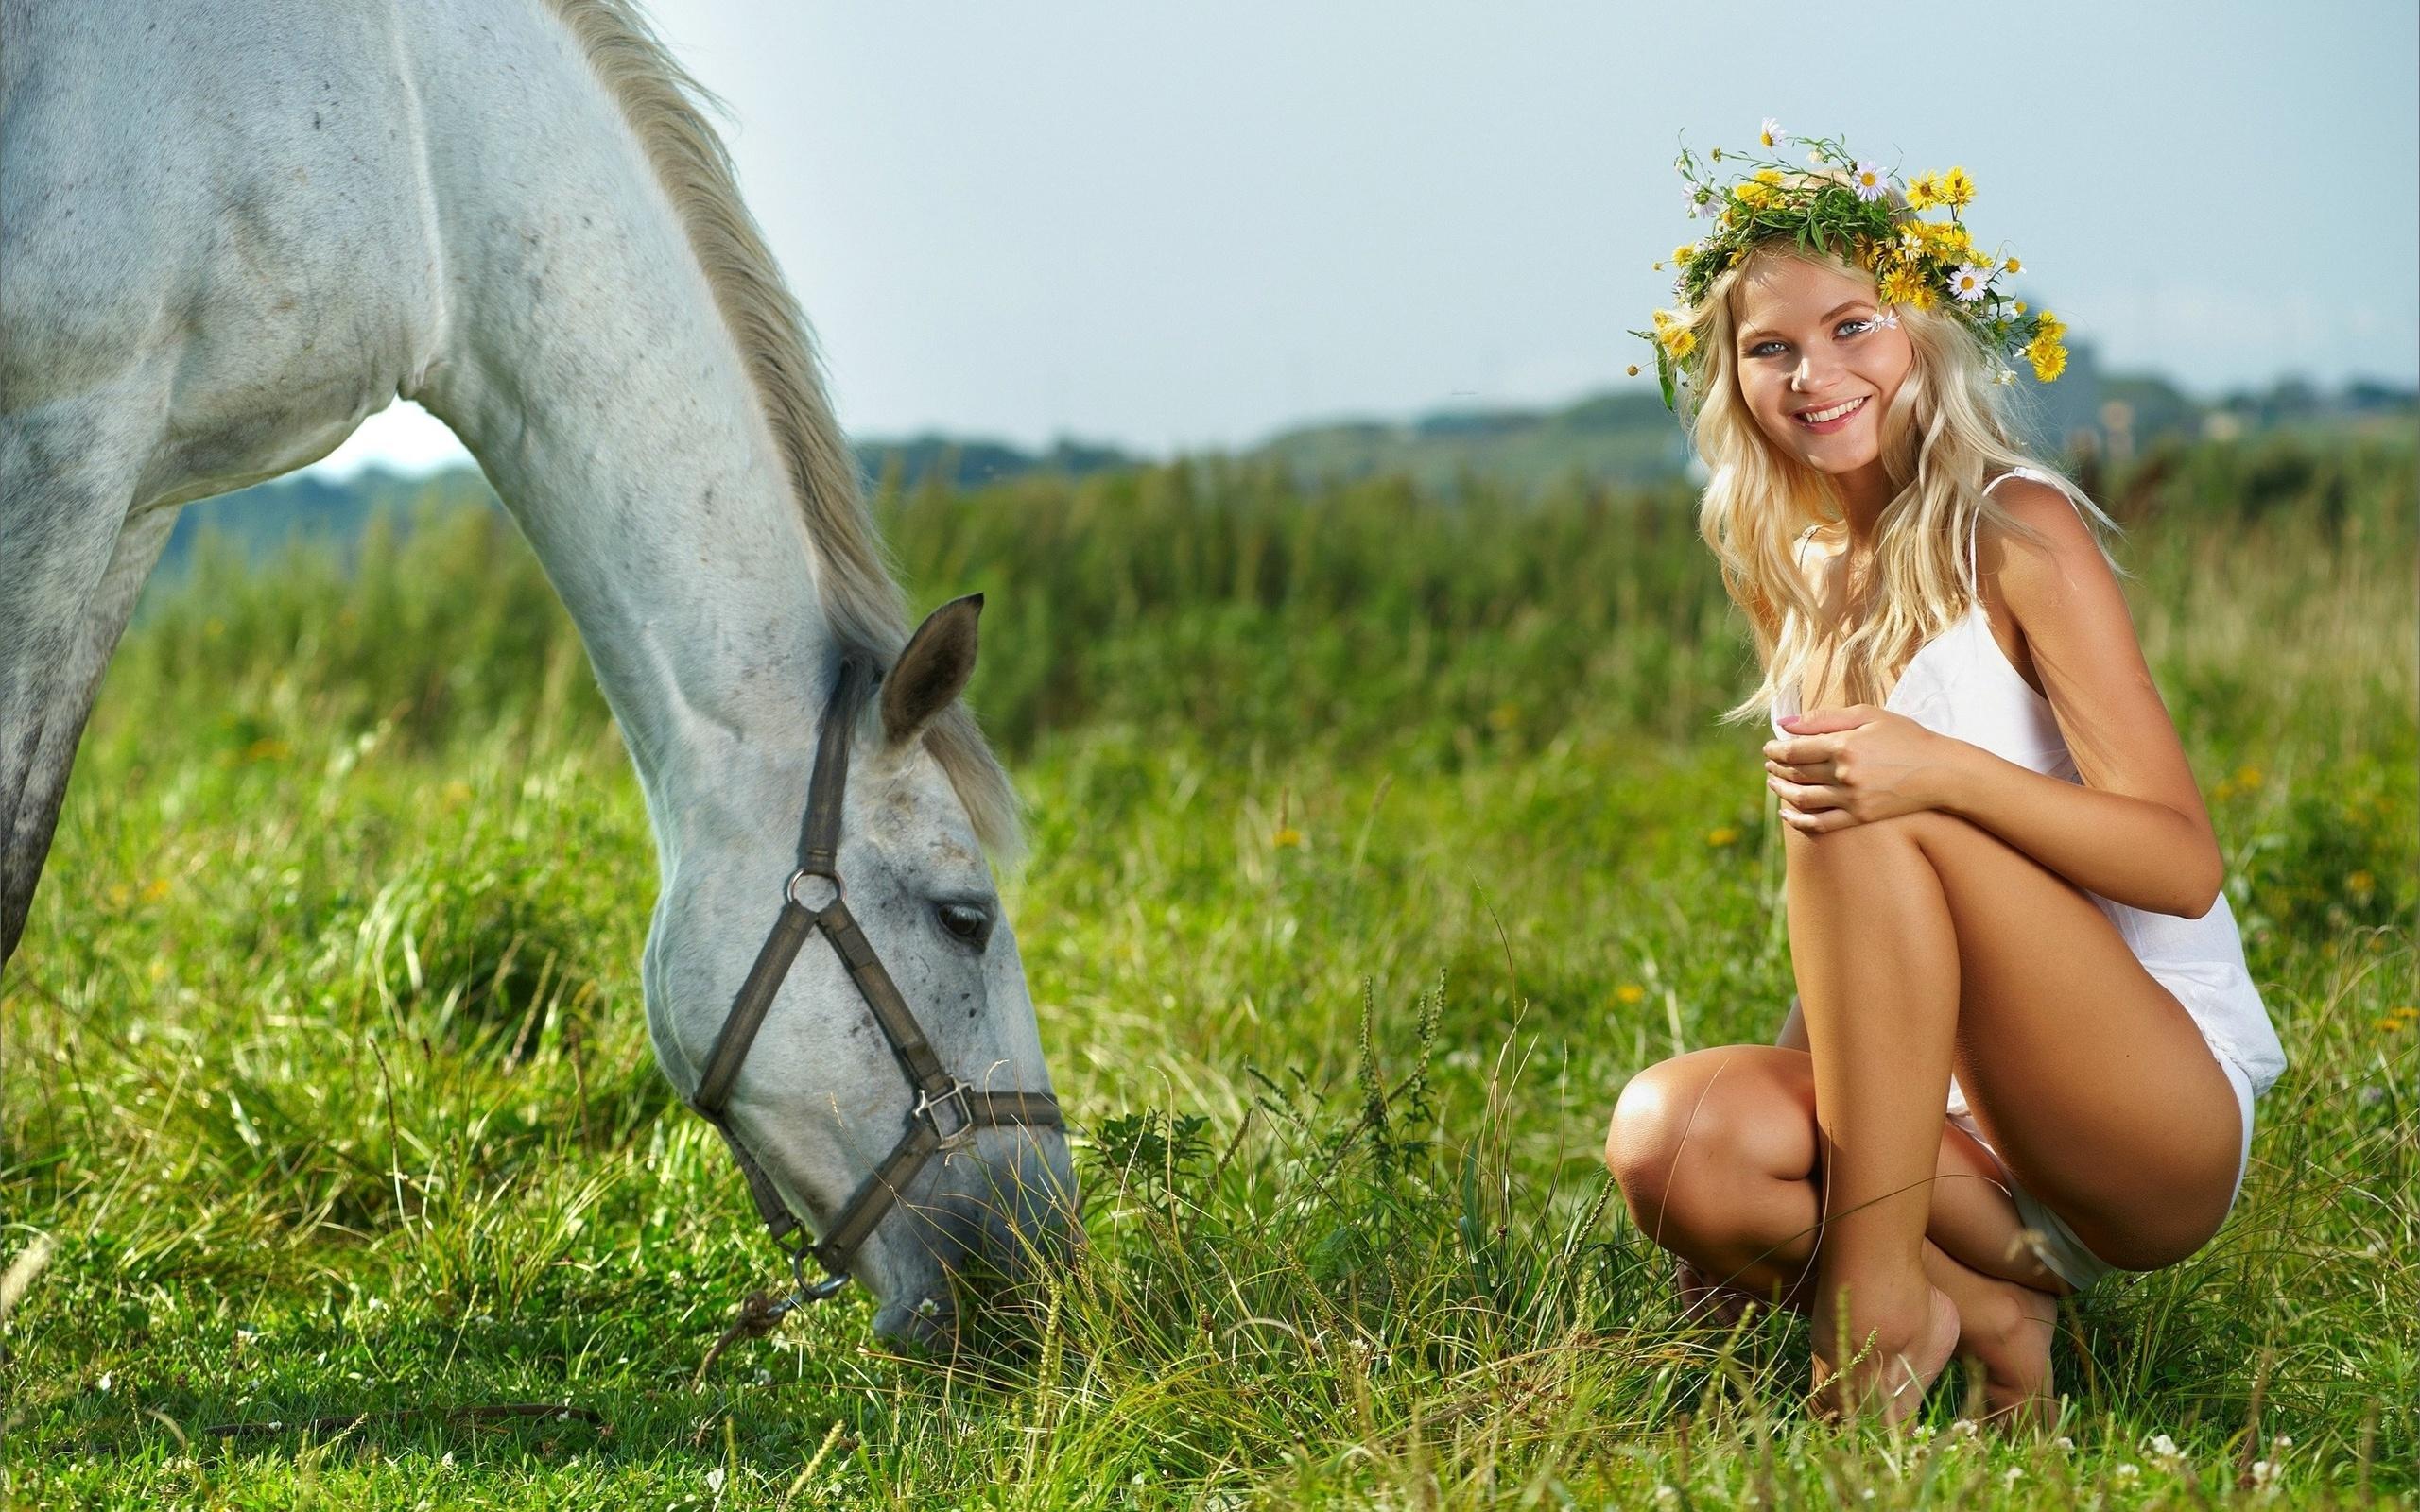 Обои, картинки поиск кони, Sexwall.ru - секс фотки, картинки с